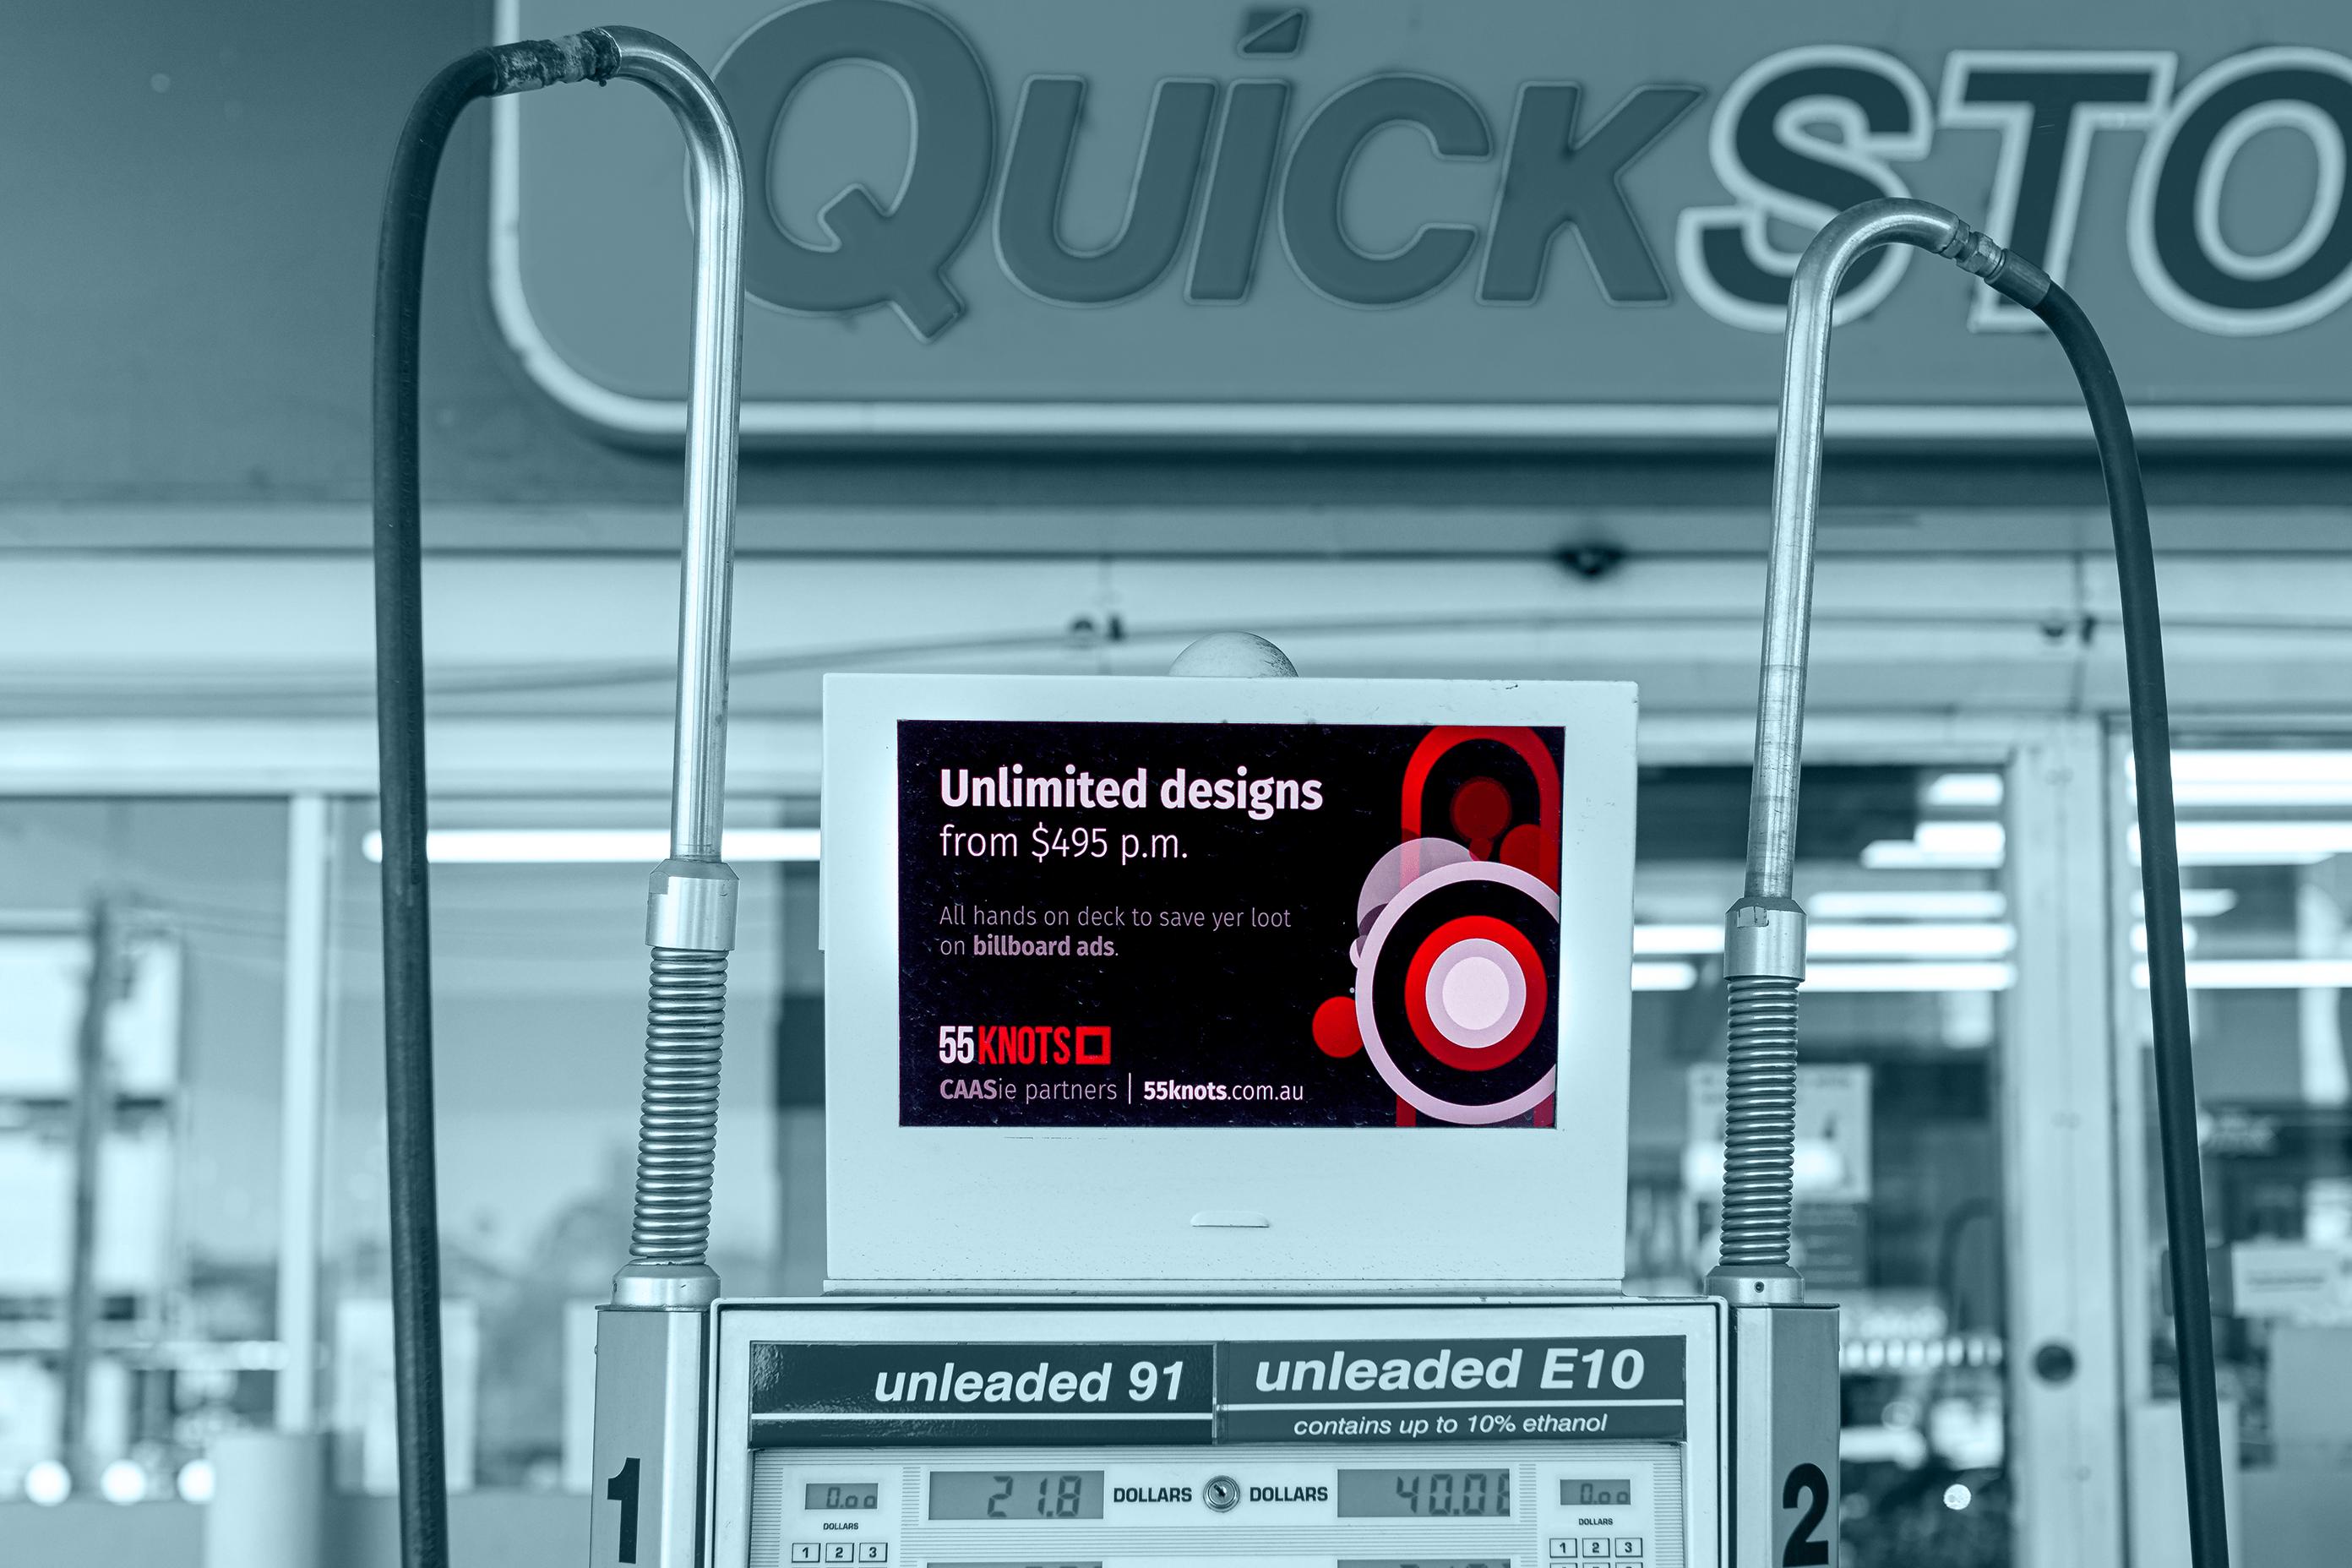 Fuel station billboard ad in Sydney.